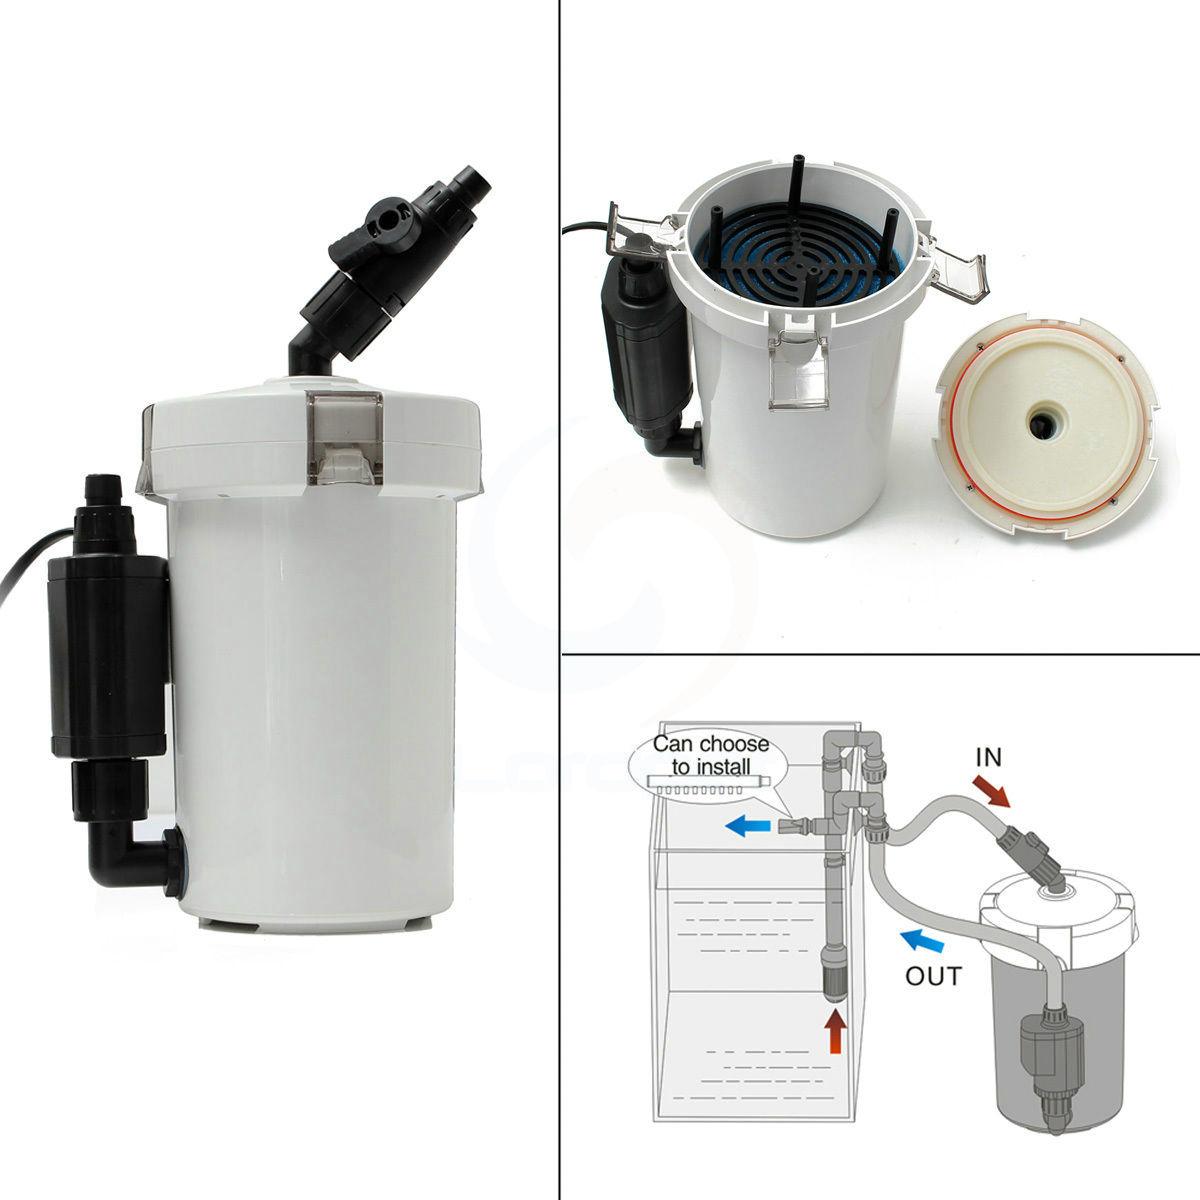 Aquarium fish tank external filter ef 1 1000l h - Sunsun Brand New 6w Aquarium Fish Tank External Canister Filter Table Top Hw 602b Hw